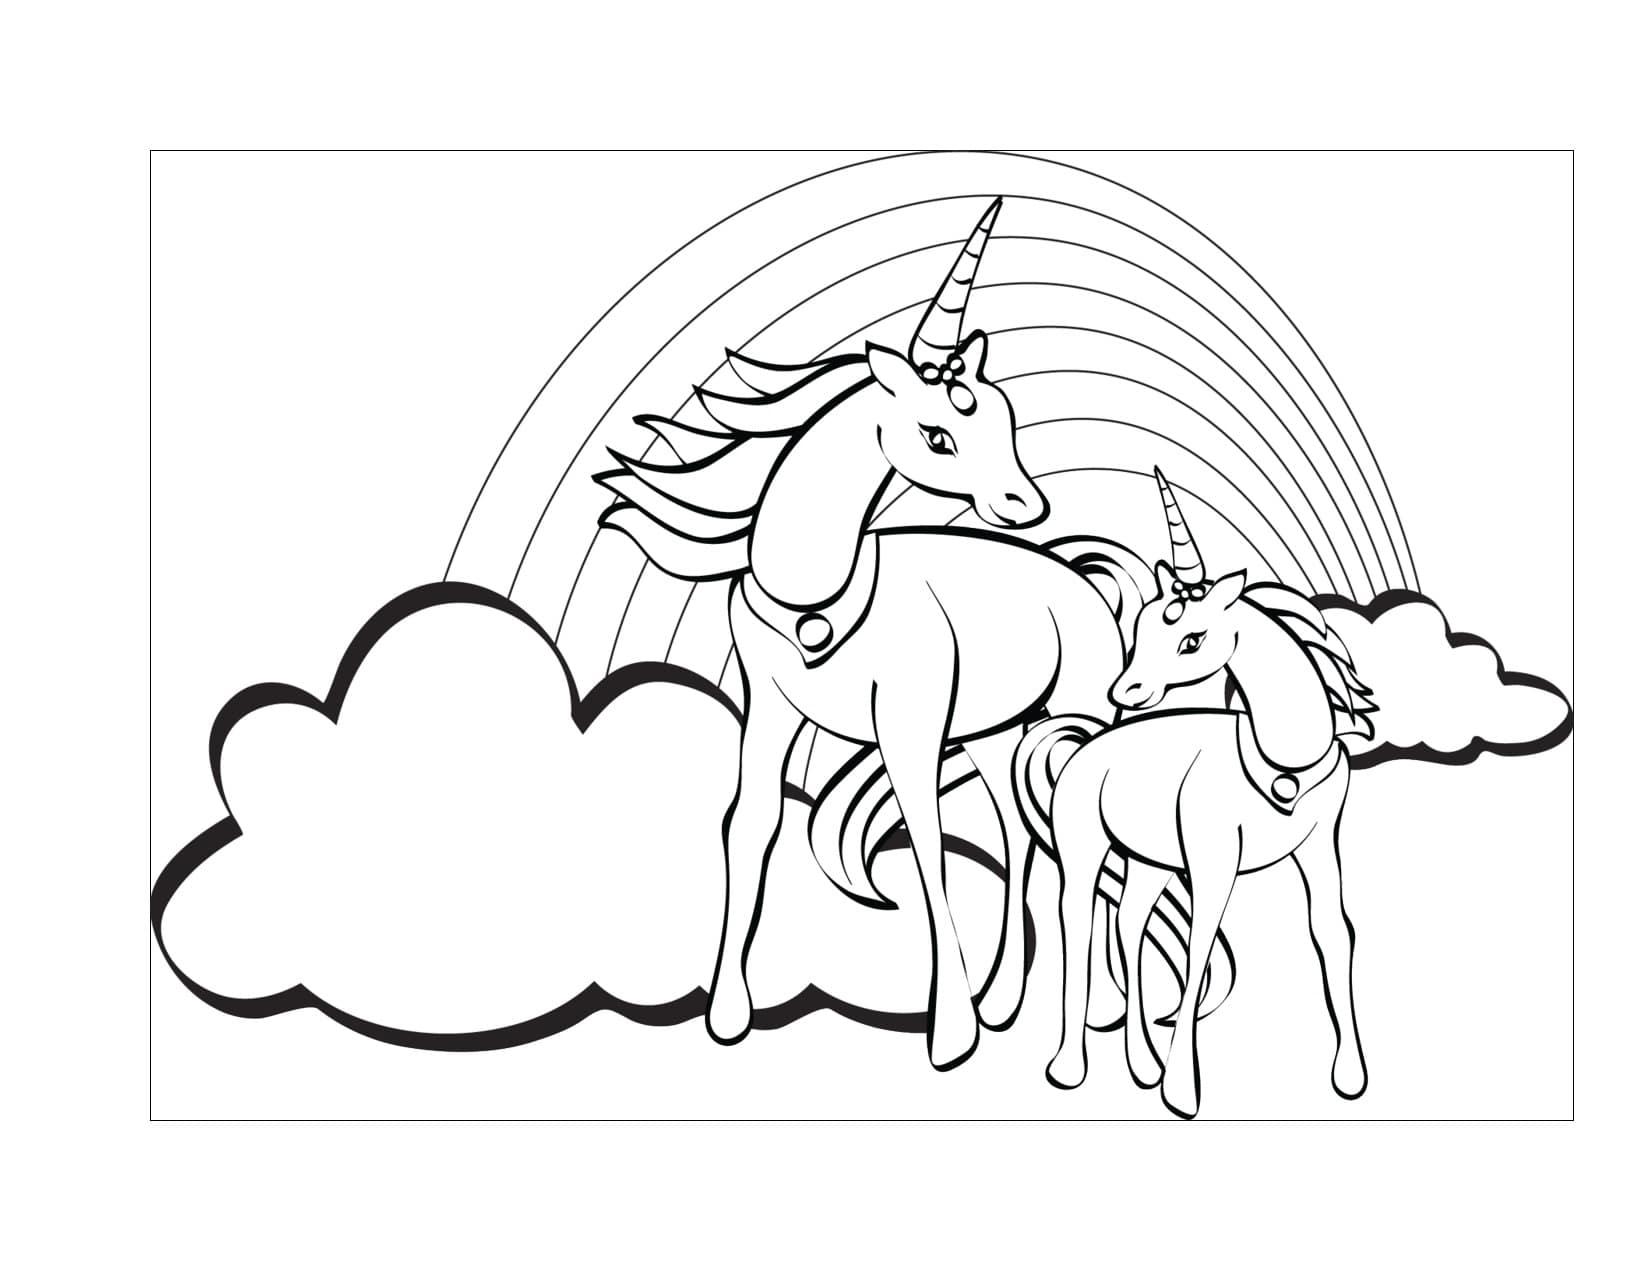 Imagenes De Unicornios Para Colorear Grandes On Log Wall